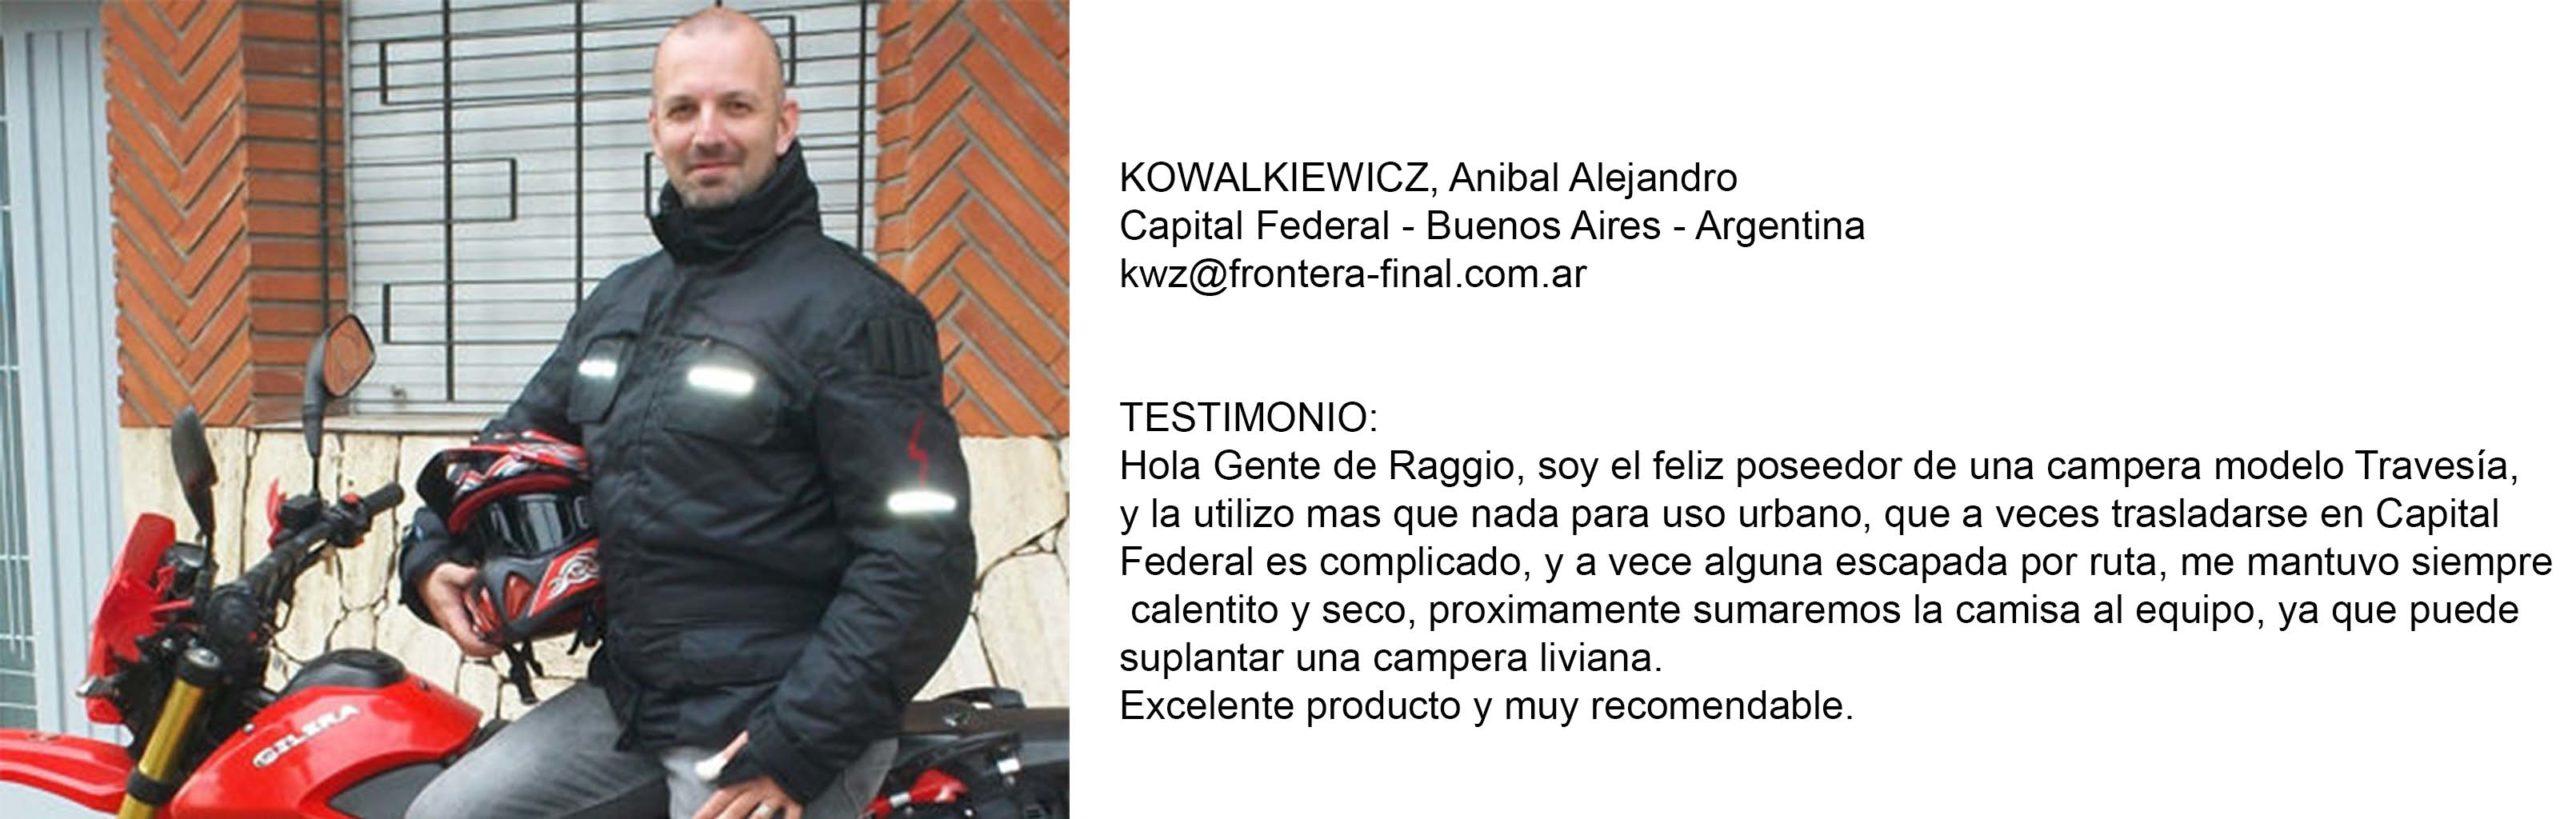 Testimonio KOWALKIEWICZ